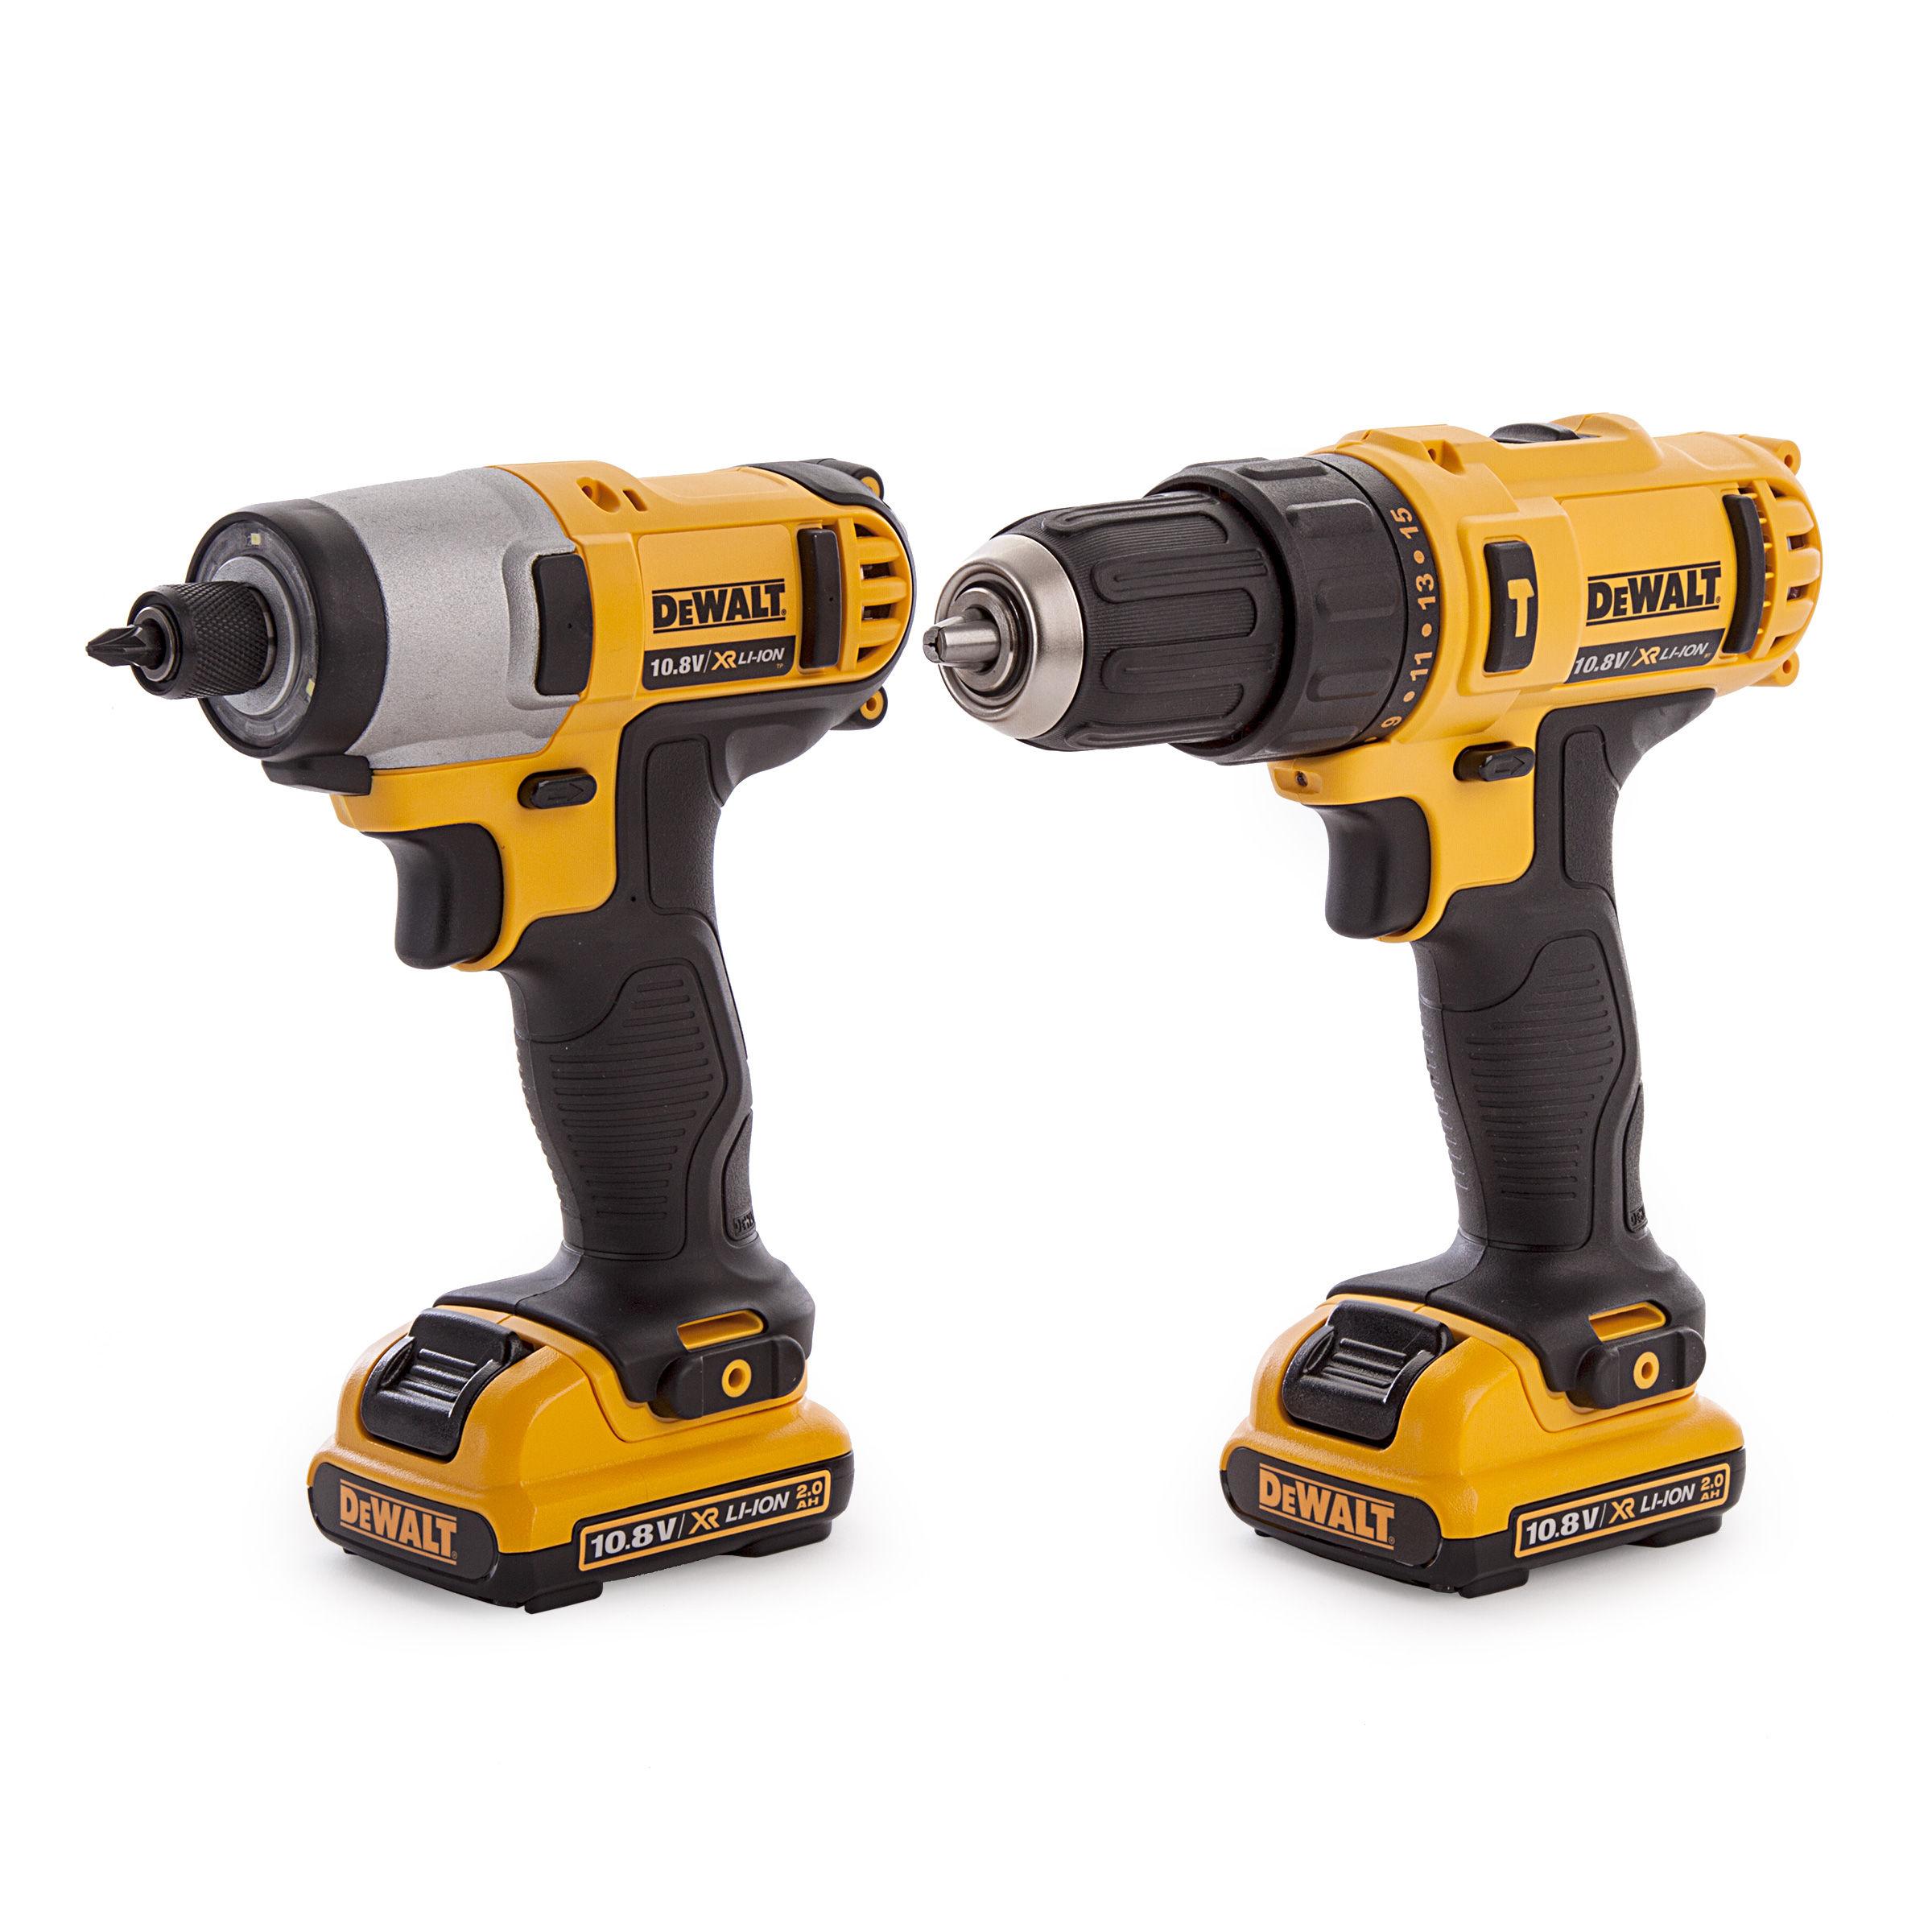 Dewalt Dck218d2t 10 8v Li Ion Xr Cordless Combi Drill And Impact Driver Twinpack